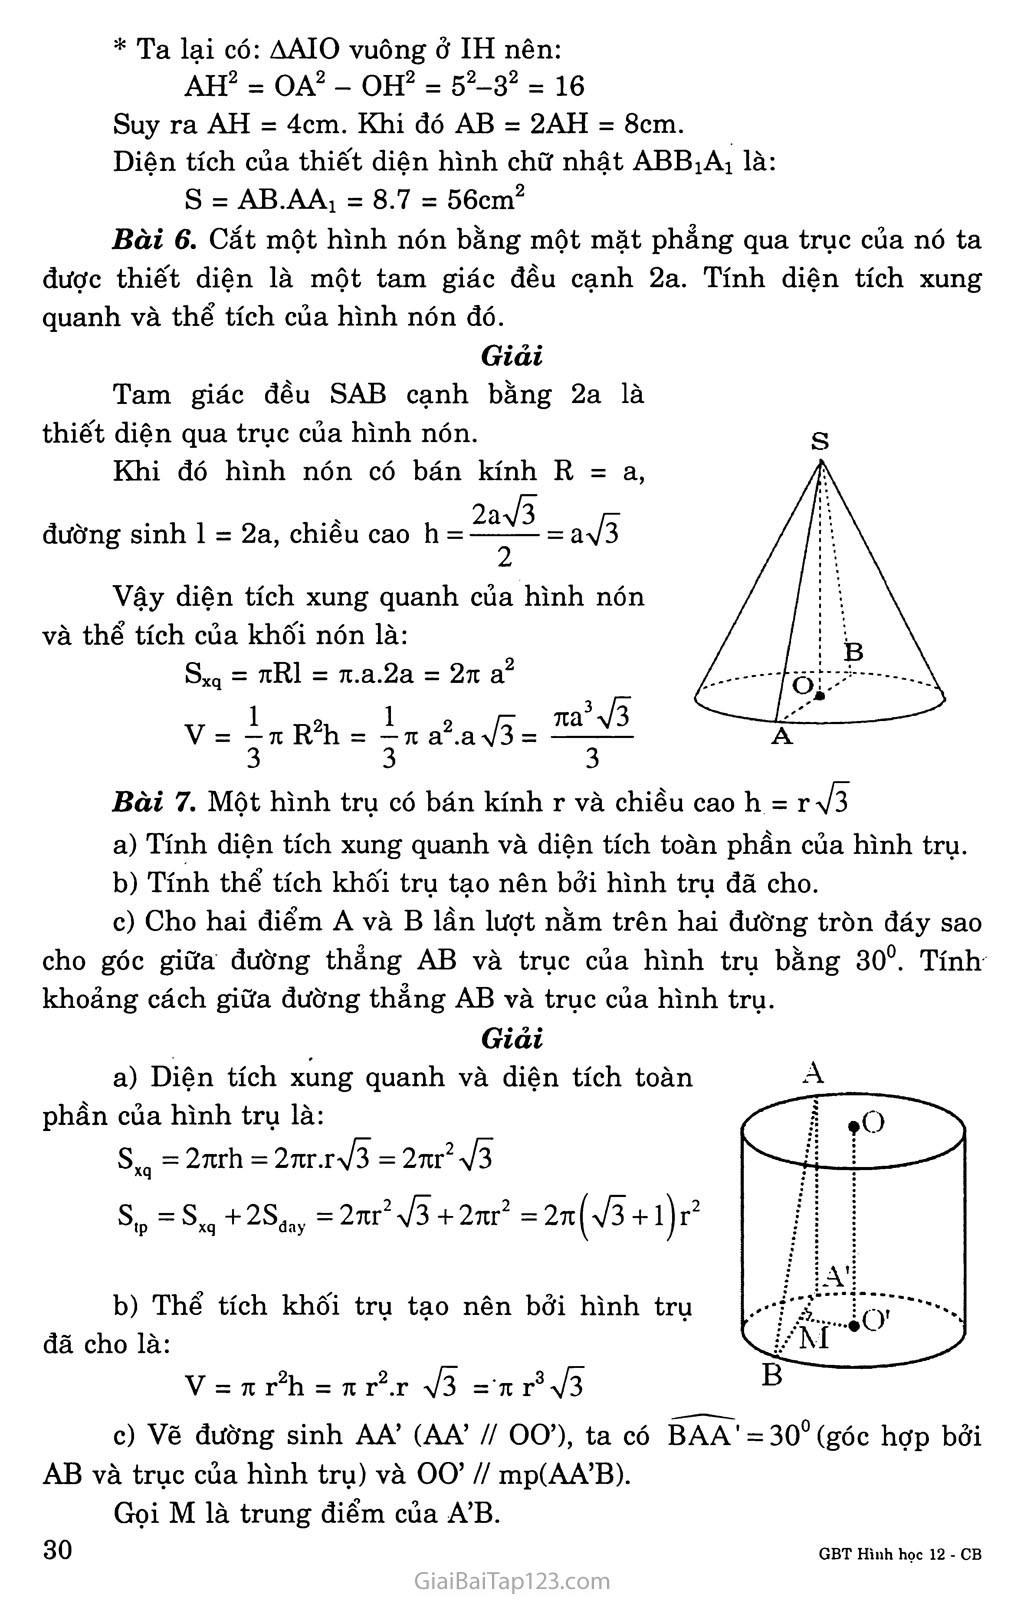 Bài 1. Khái niệm về mặt tròn xoay trang 5